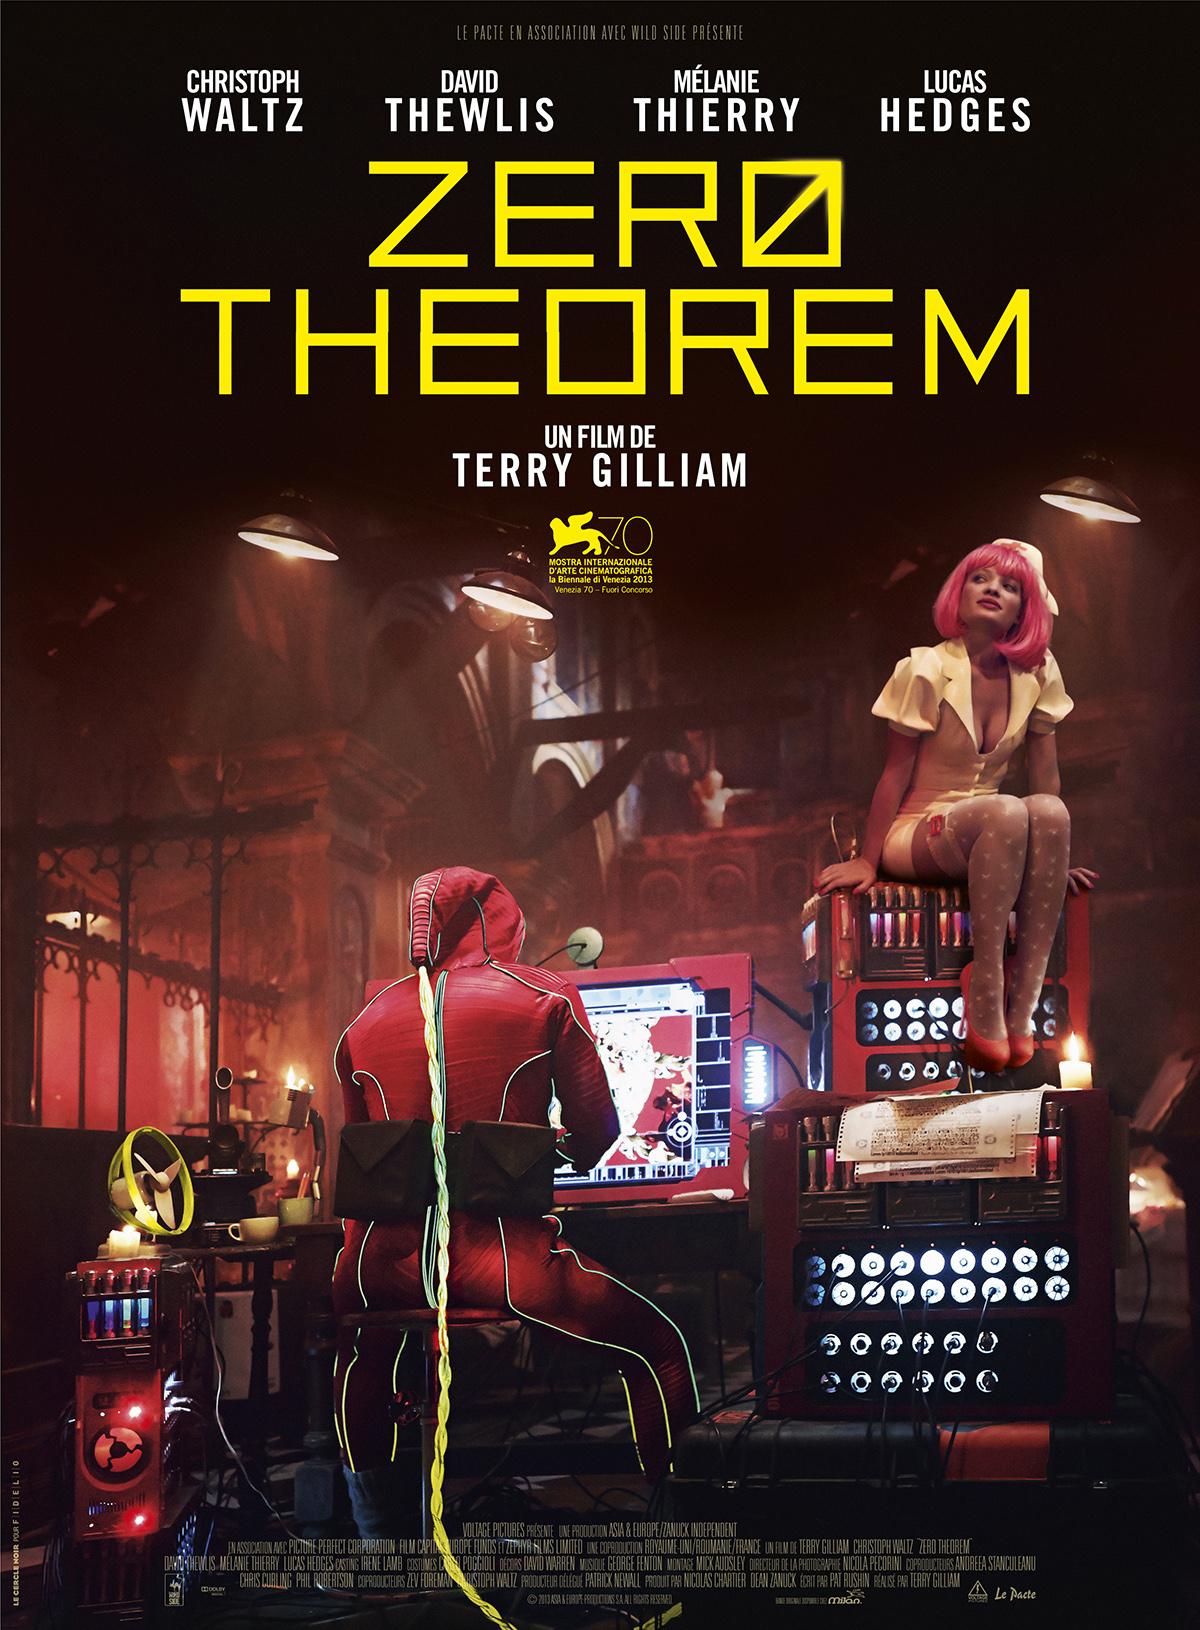 zero_theorem_fr dans Films - critiques perso